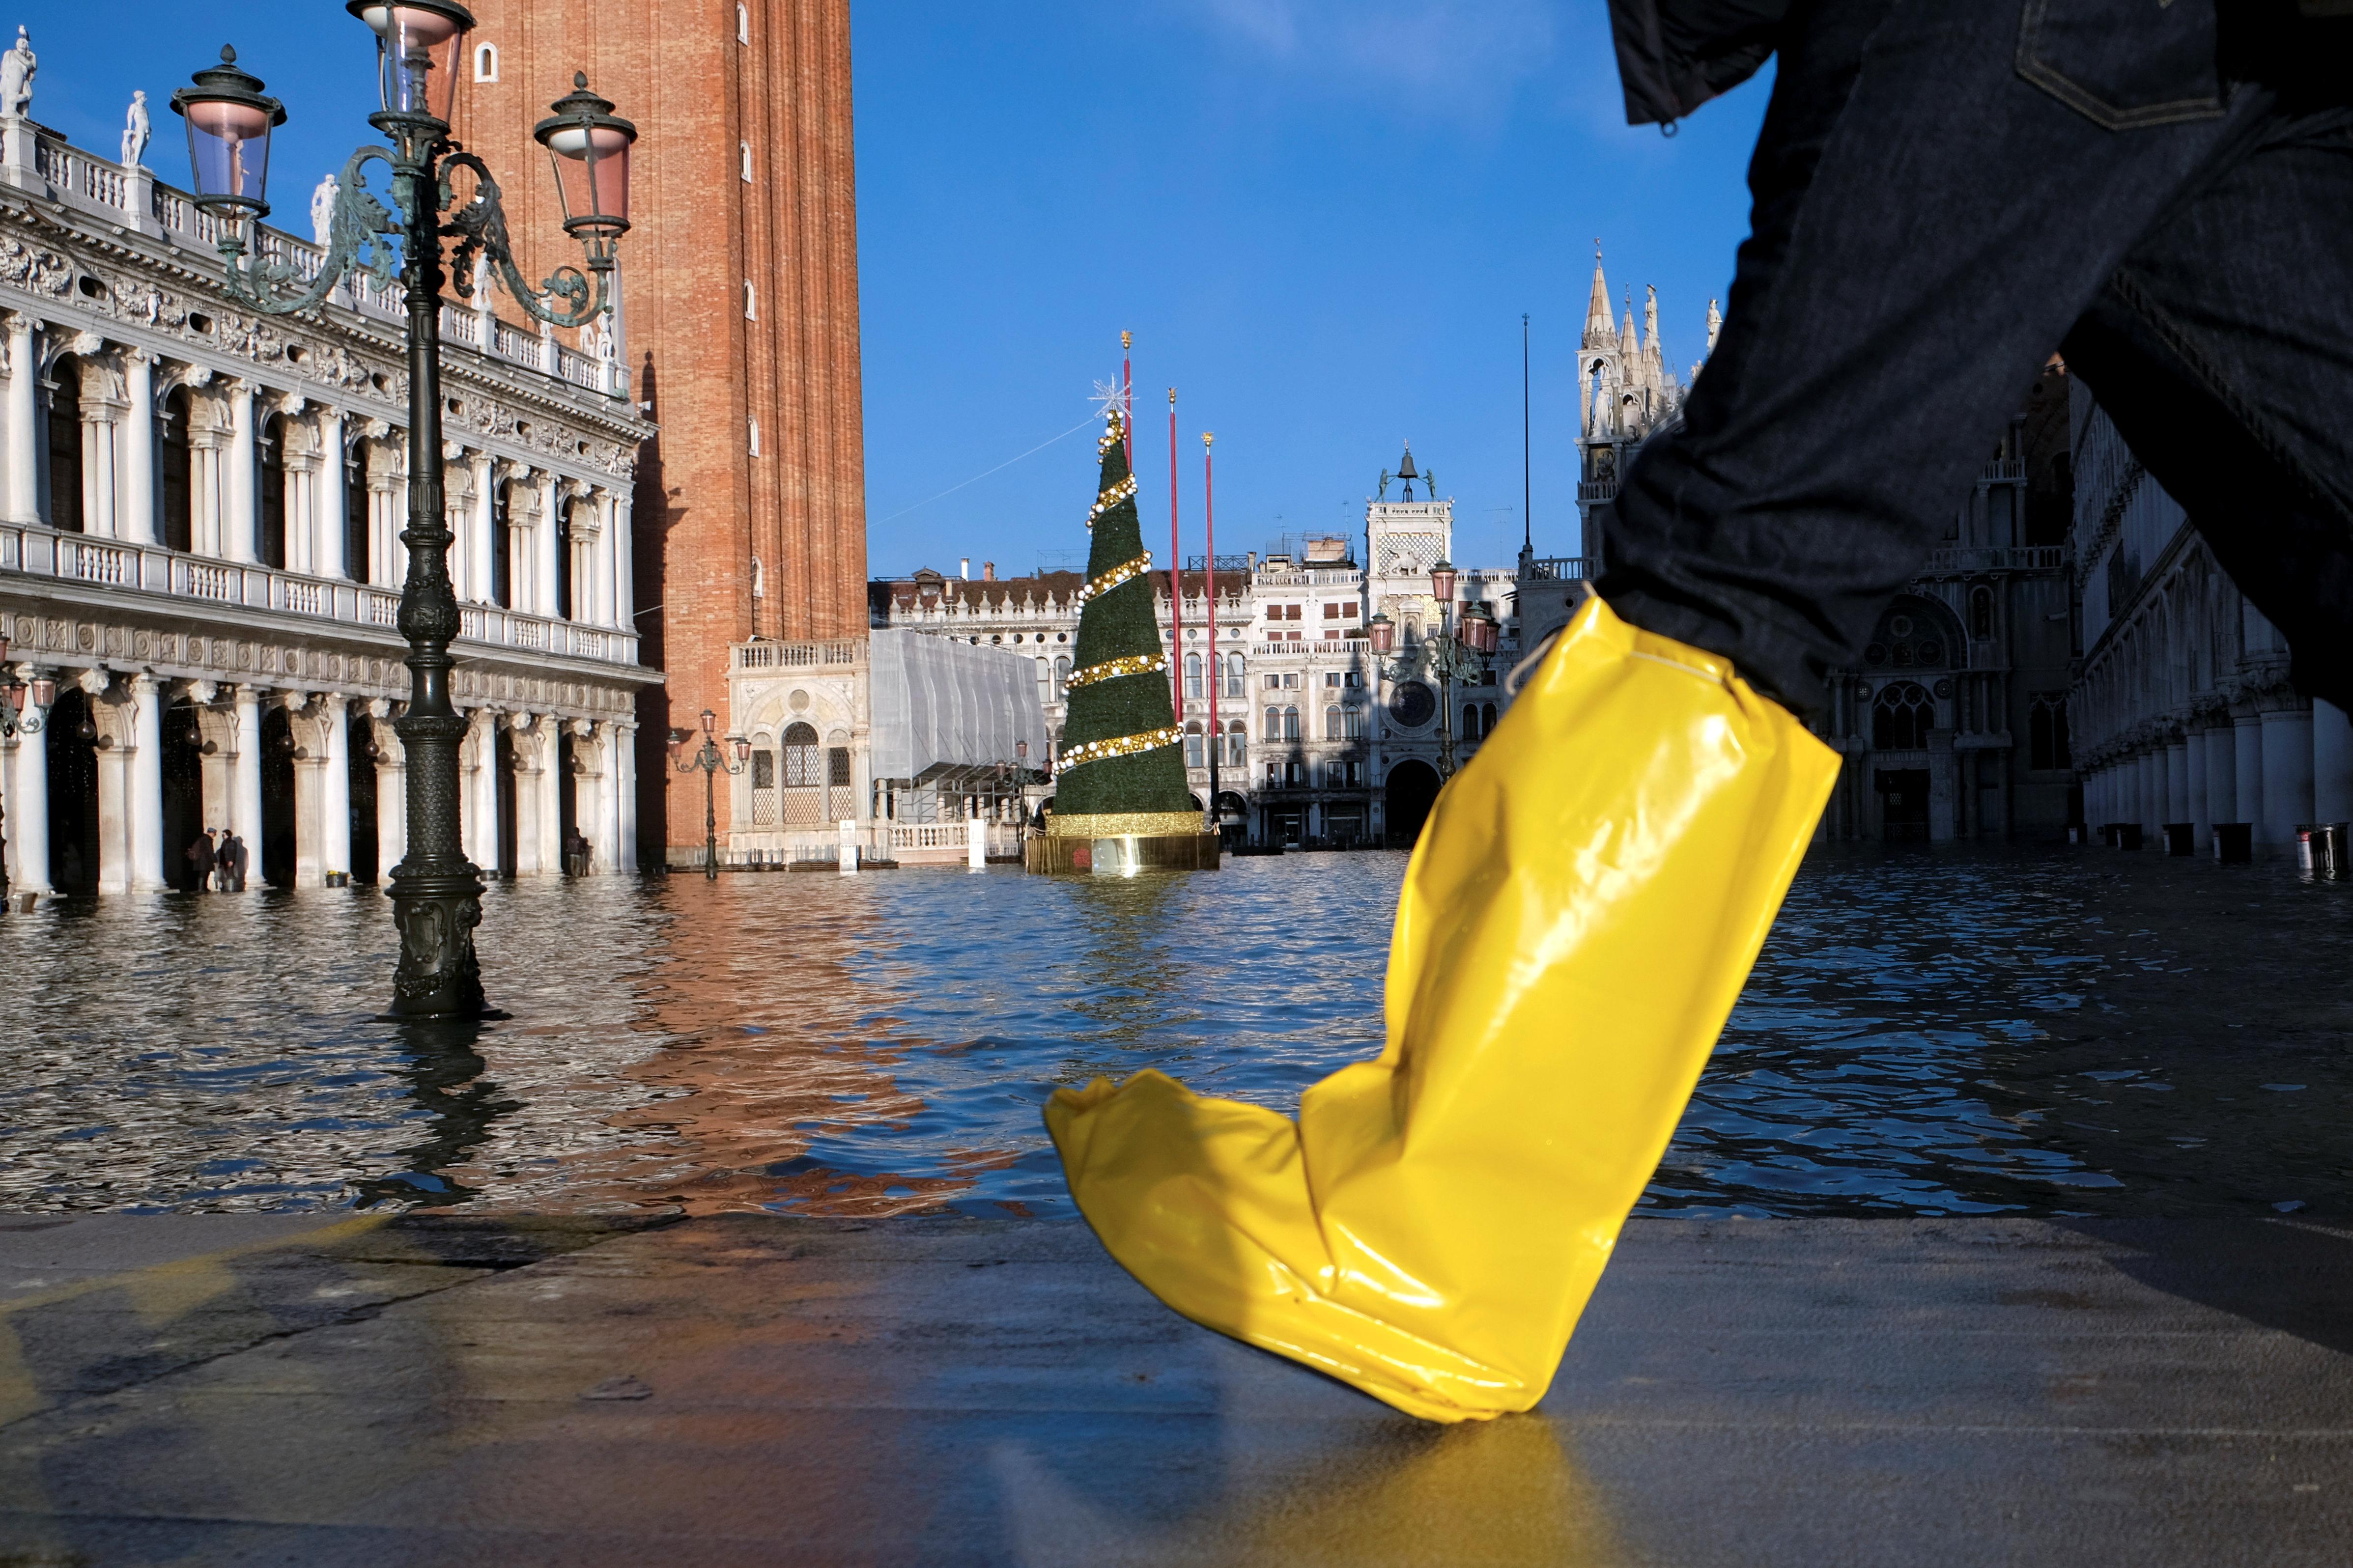 Una persona camina en la Plaza de San Marcos durante la marea alta en Venecia, Italia, el 24 de diciembre de 2019 (REUTERS/Manuel Silvestri)